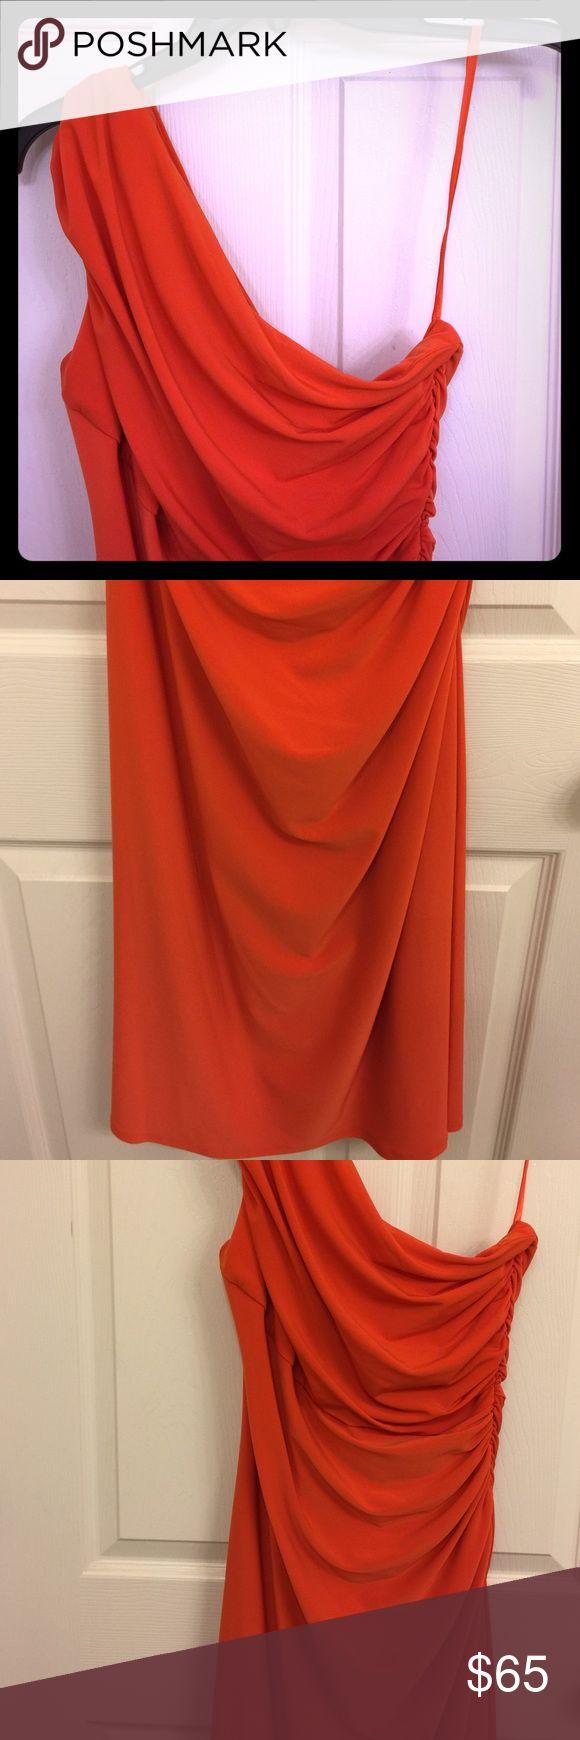 Ralph Lauren dress Orange, one-shoulder, Ralph Lauren dress Lauren Ralph Lauren Dresses One Shoulder